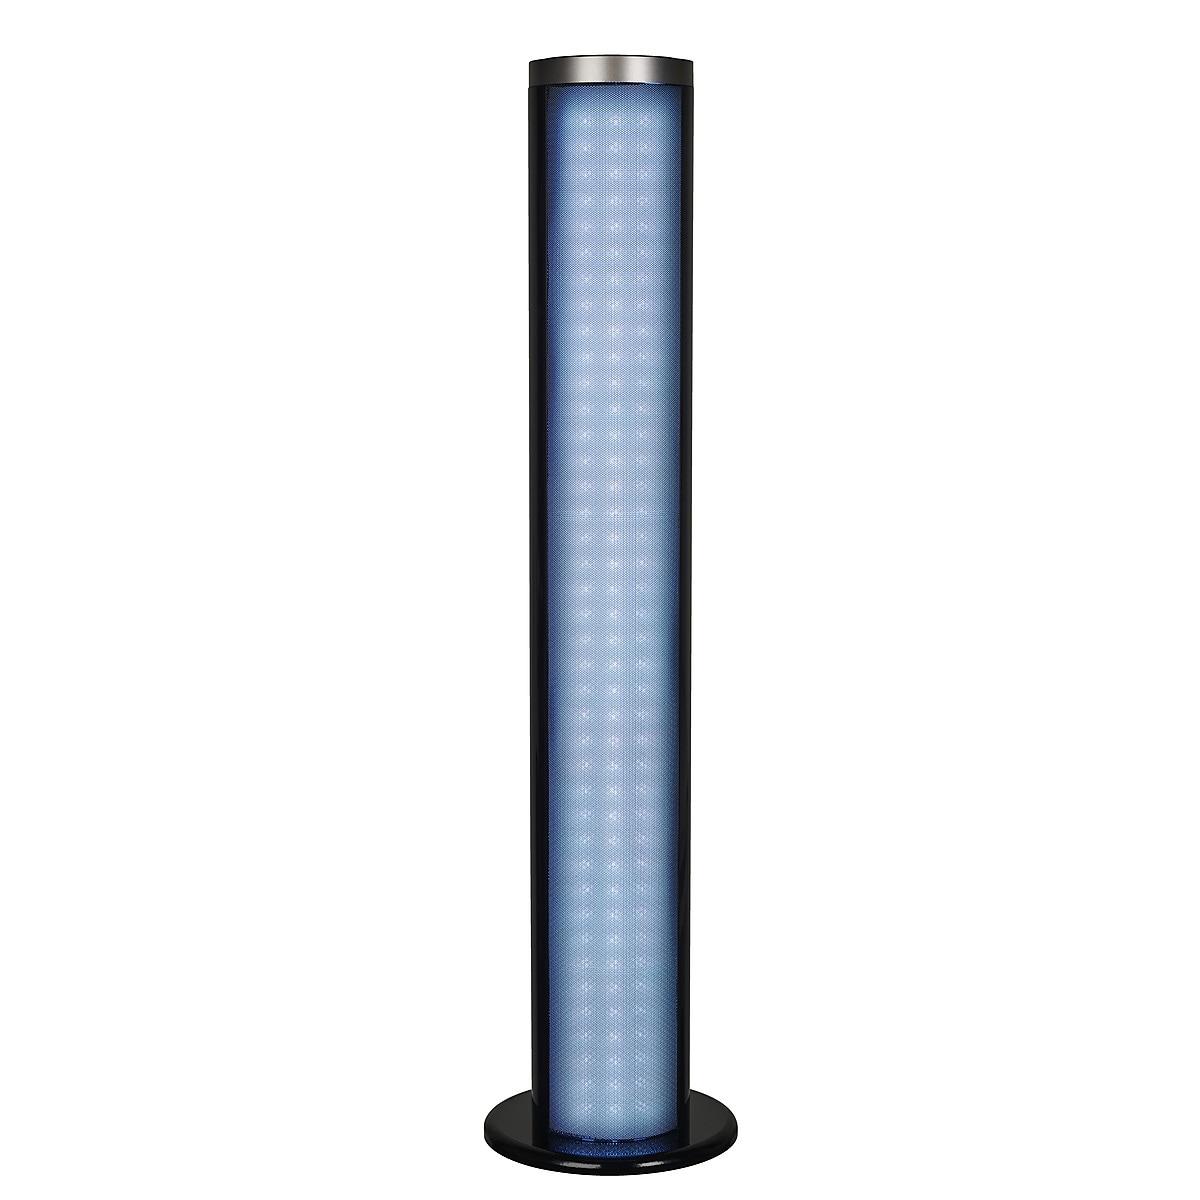 Exibel BTX1500 Tower Speaker with LED Effect Lighting